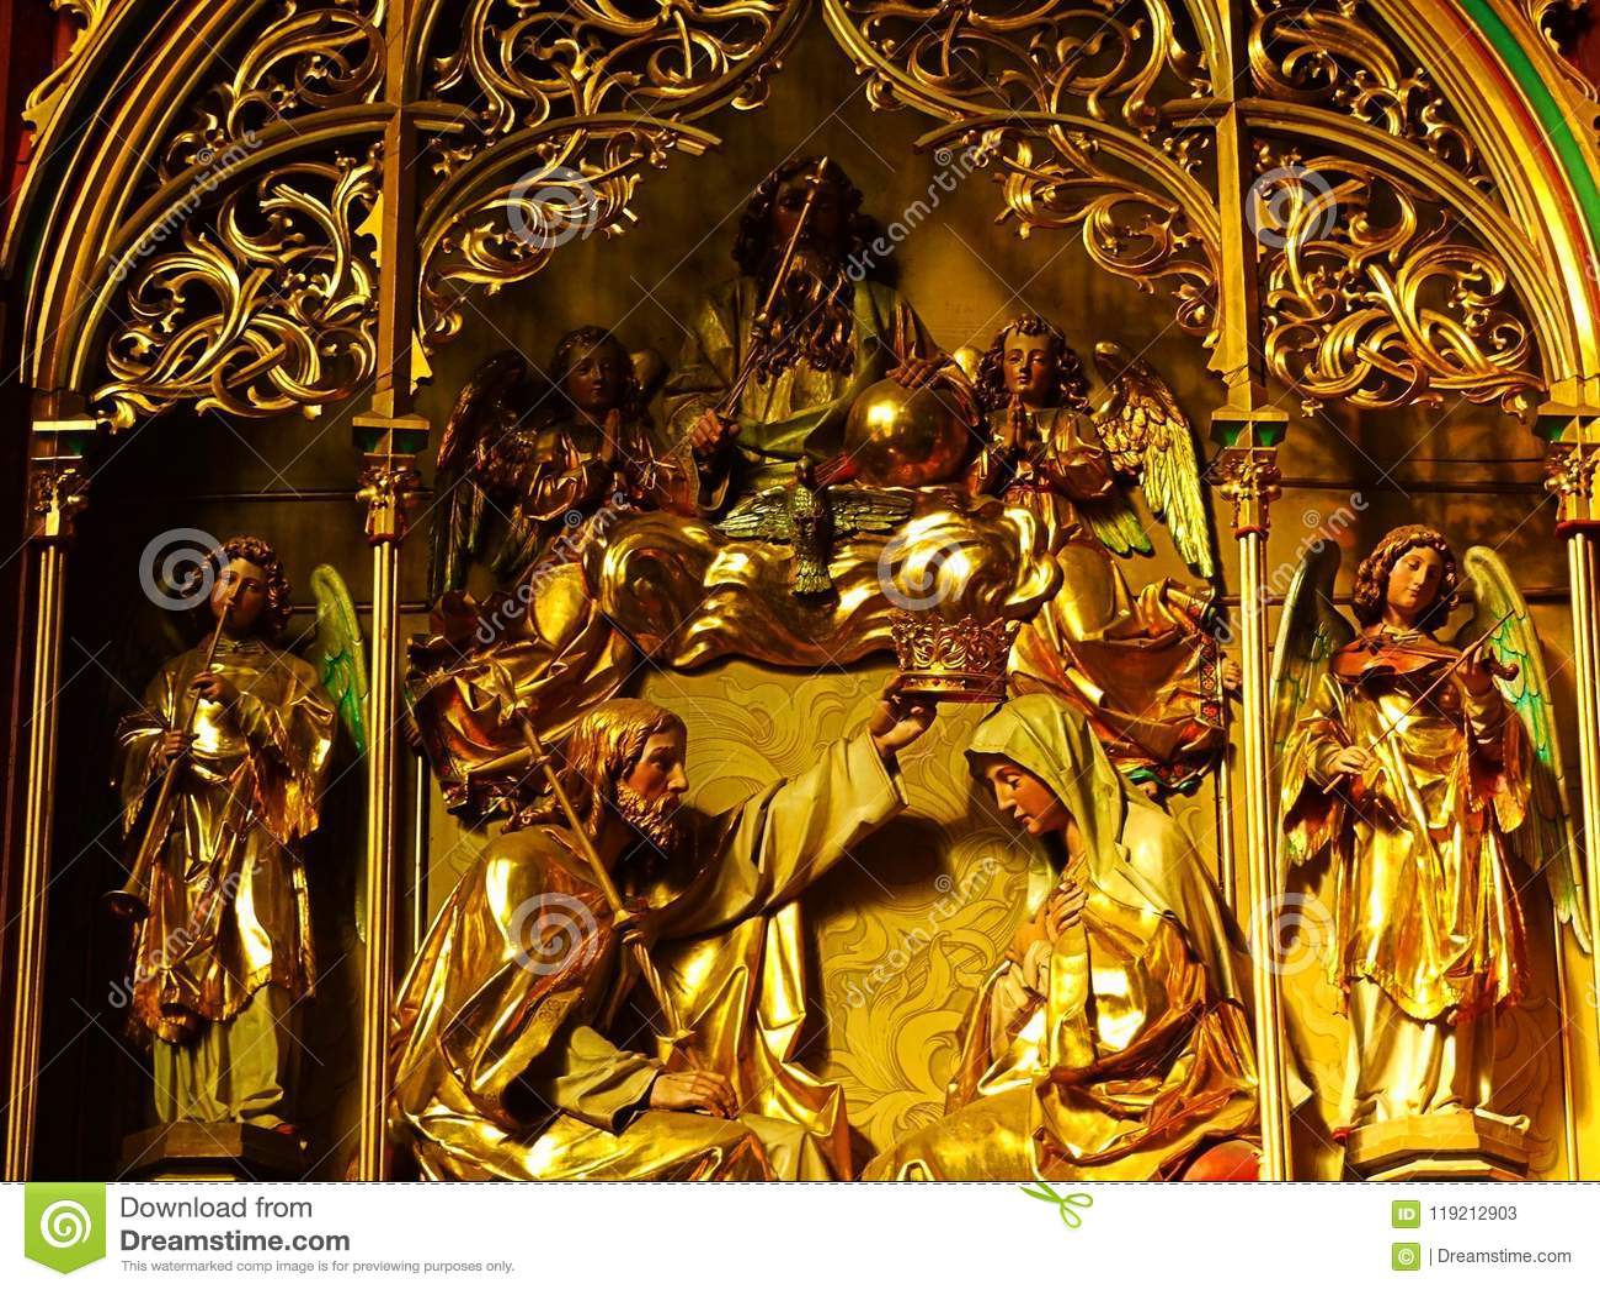 церковь, вероисповедание, висок, архитектура, искусство, статуя, скульптура, Таиланд, собор, старый, золото, Азия, интерьер, рели